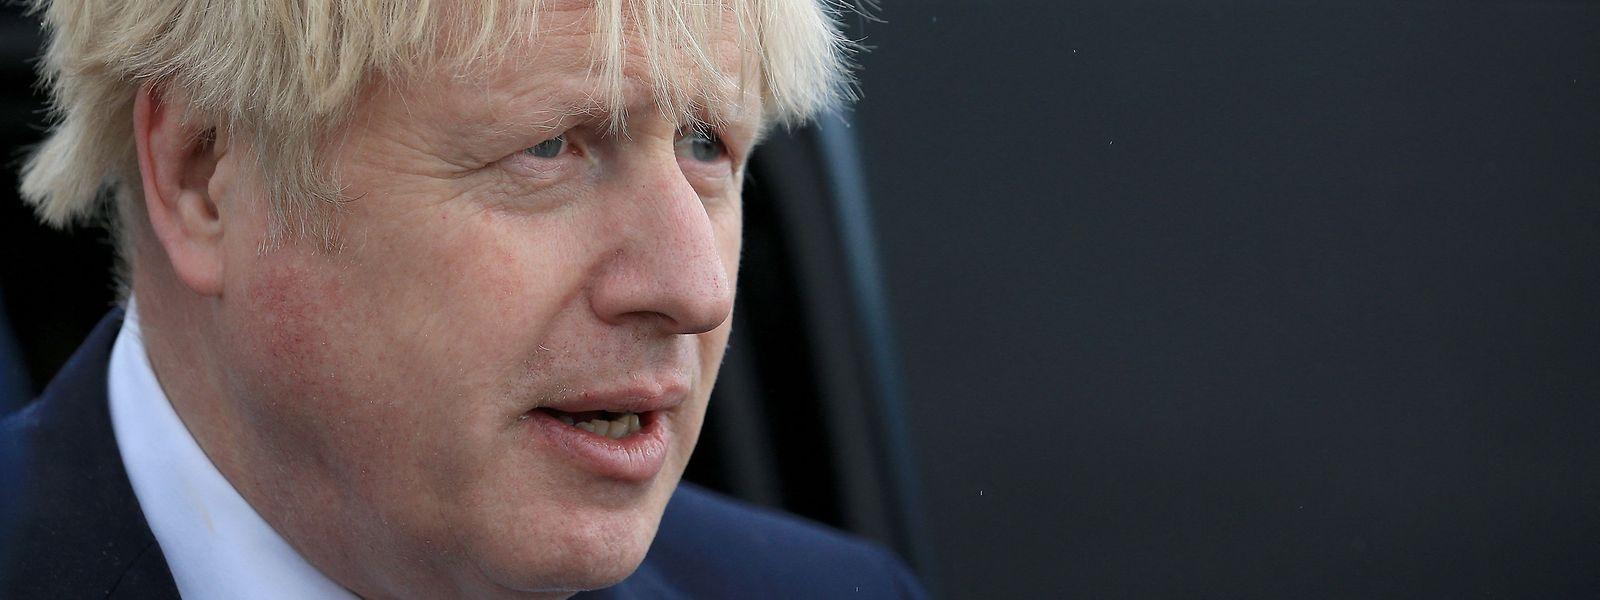 Boris Johnson hat mit dem Brexit die Büchse der Pandora geöffnet. Im schlimmsten Fall droht der Zerfall des Vereingten Königreichs.